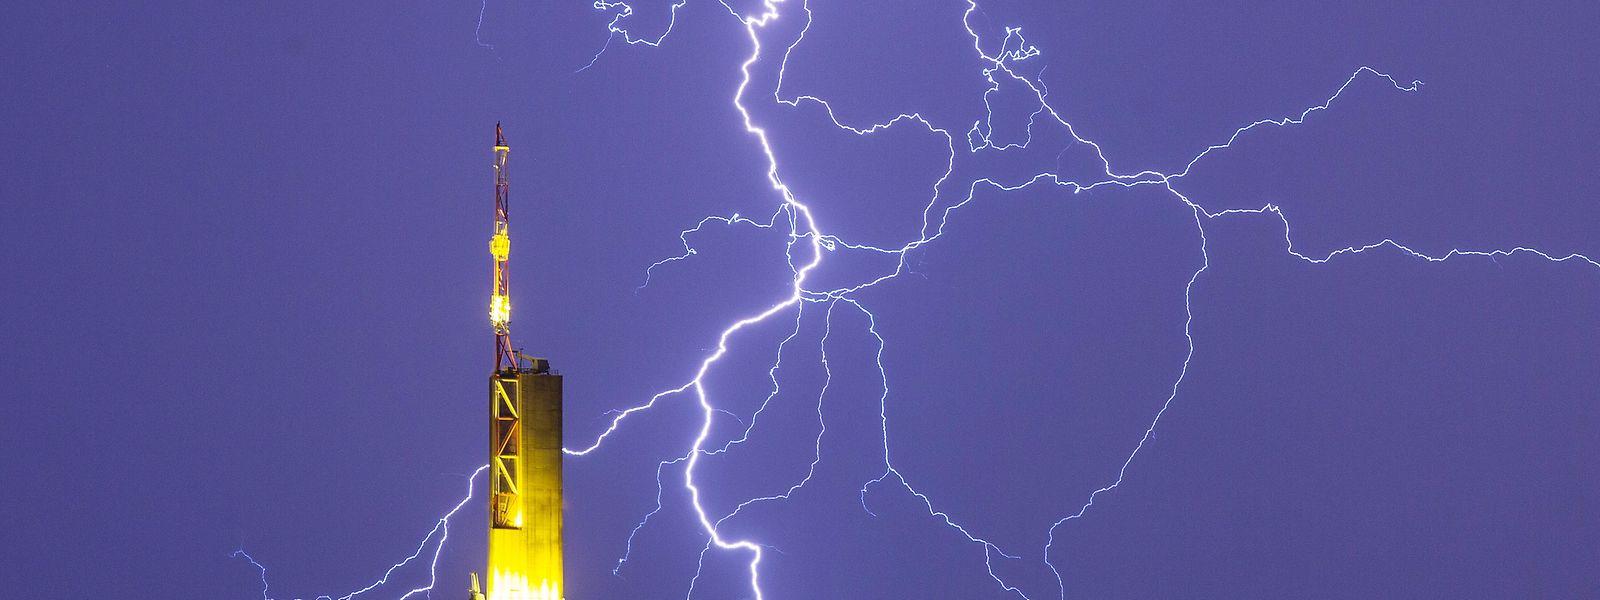 Frankfurt am Main: Blitze zeichnen sich am nächtlichen Himmel und über der Zentrale der Commerzbank ab.